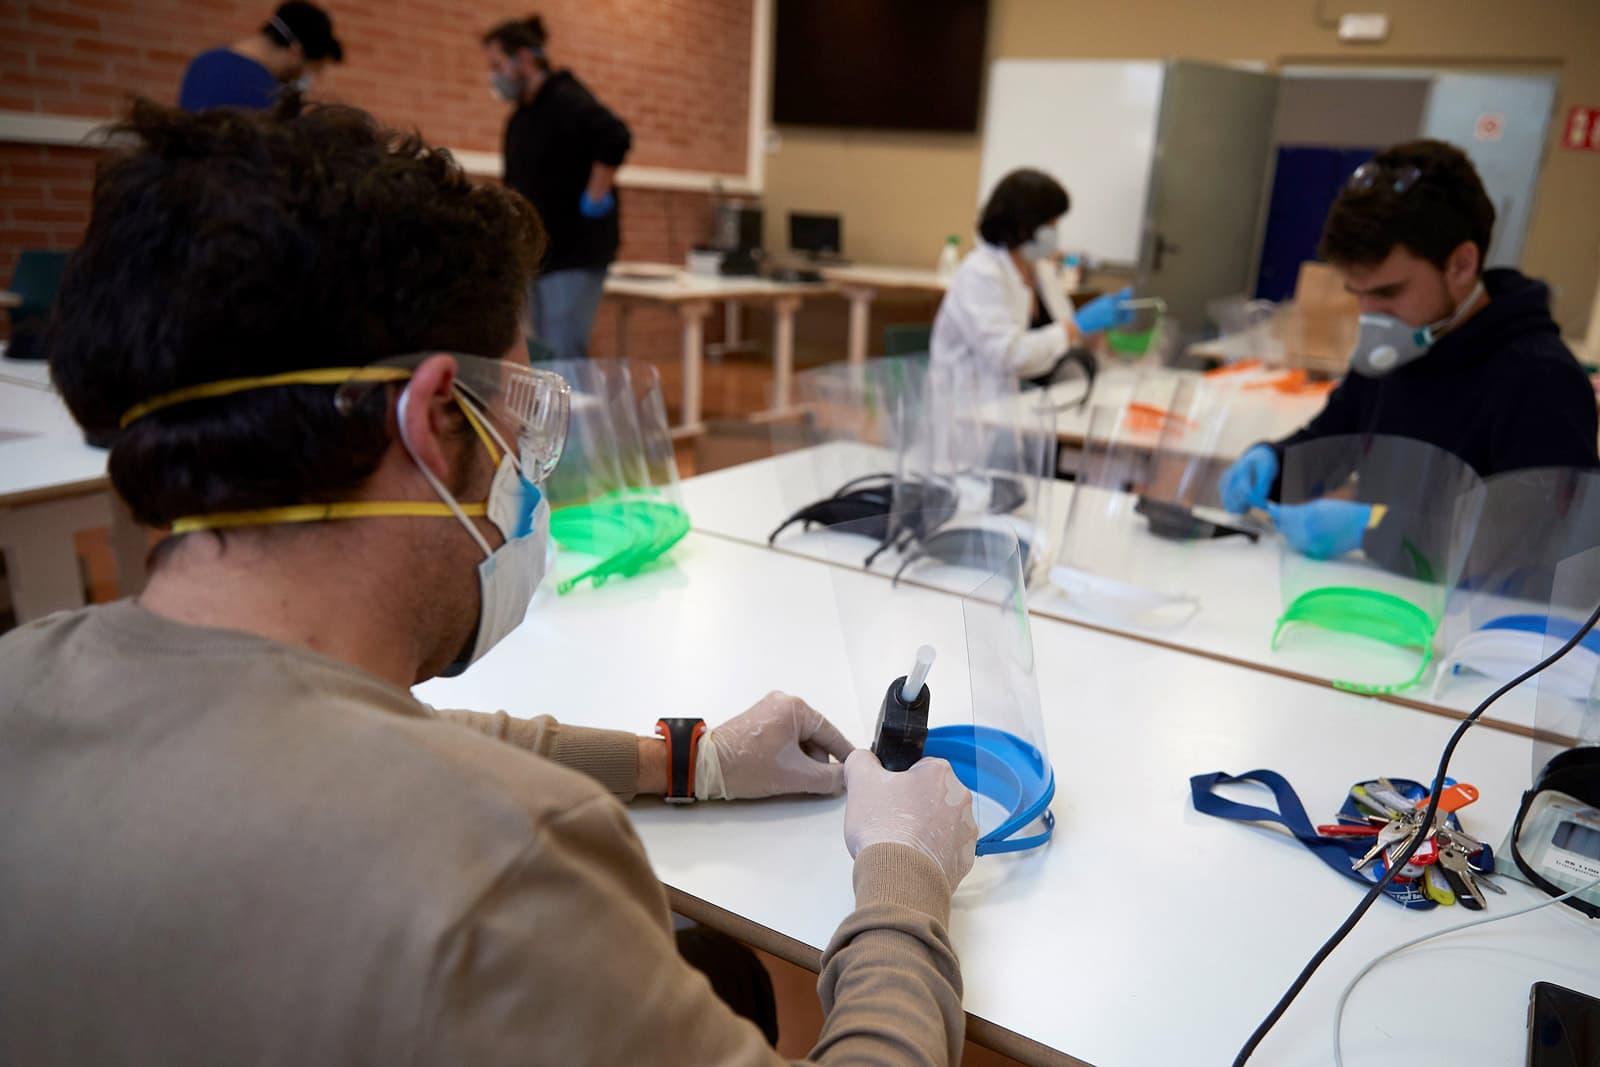 El col·lectiu Coronavirus Makers fabriquen màscares a Barcelona el 26 de març. Fotografia d'Alejandro García/Efe